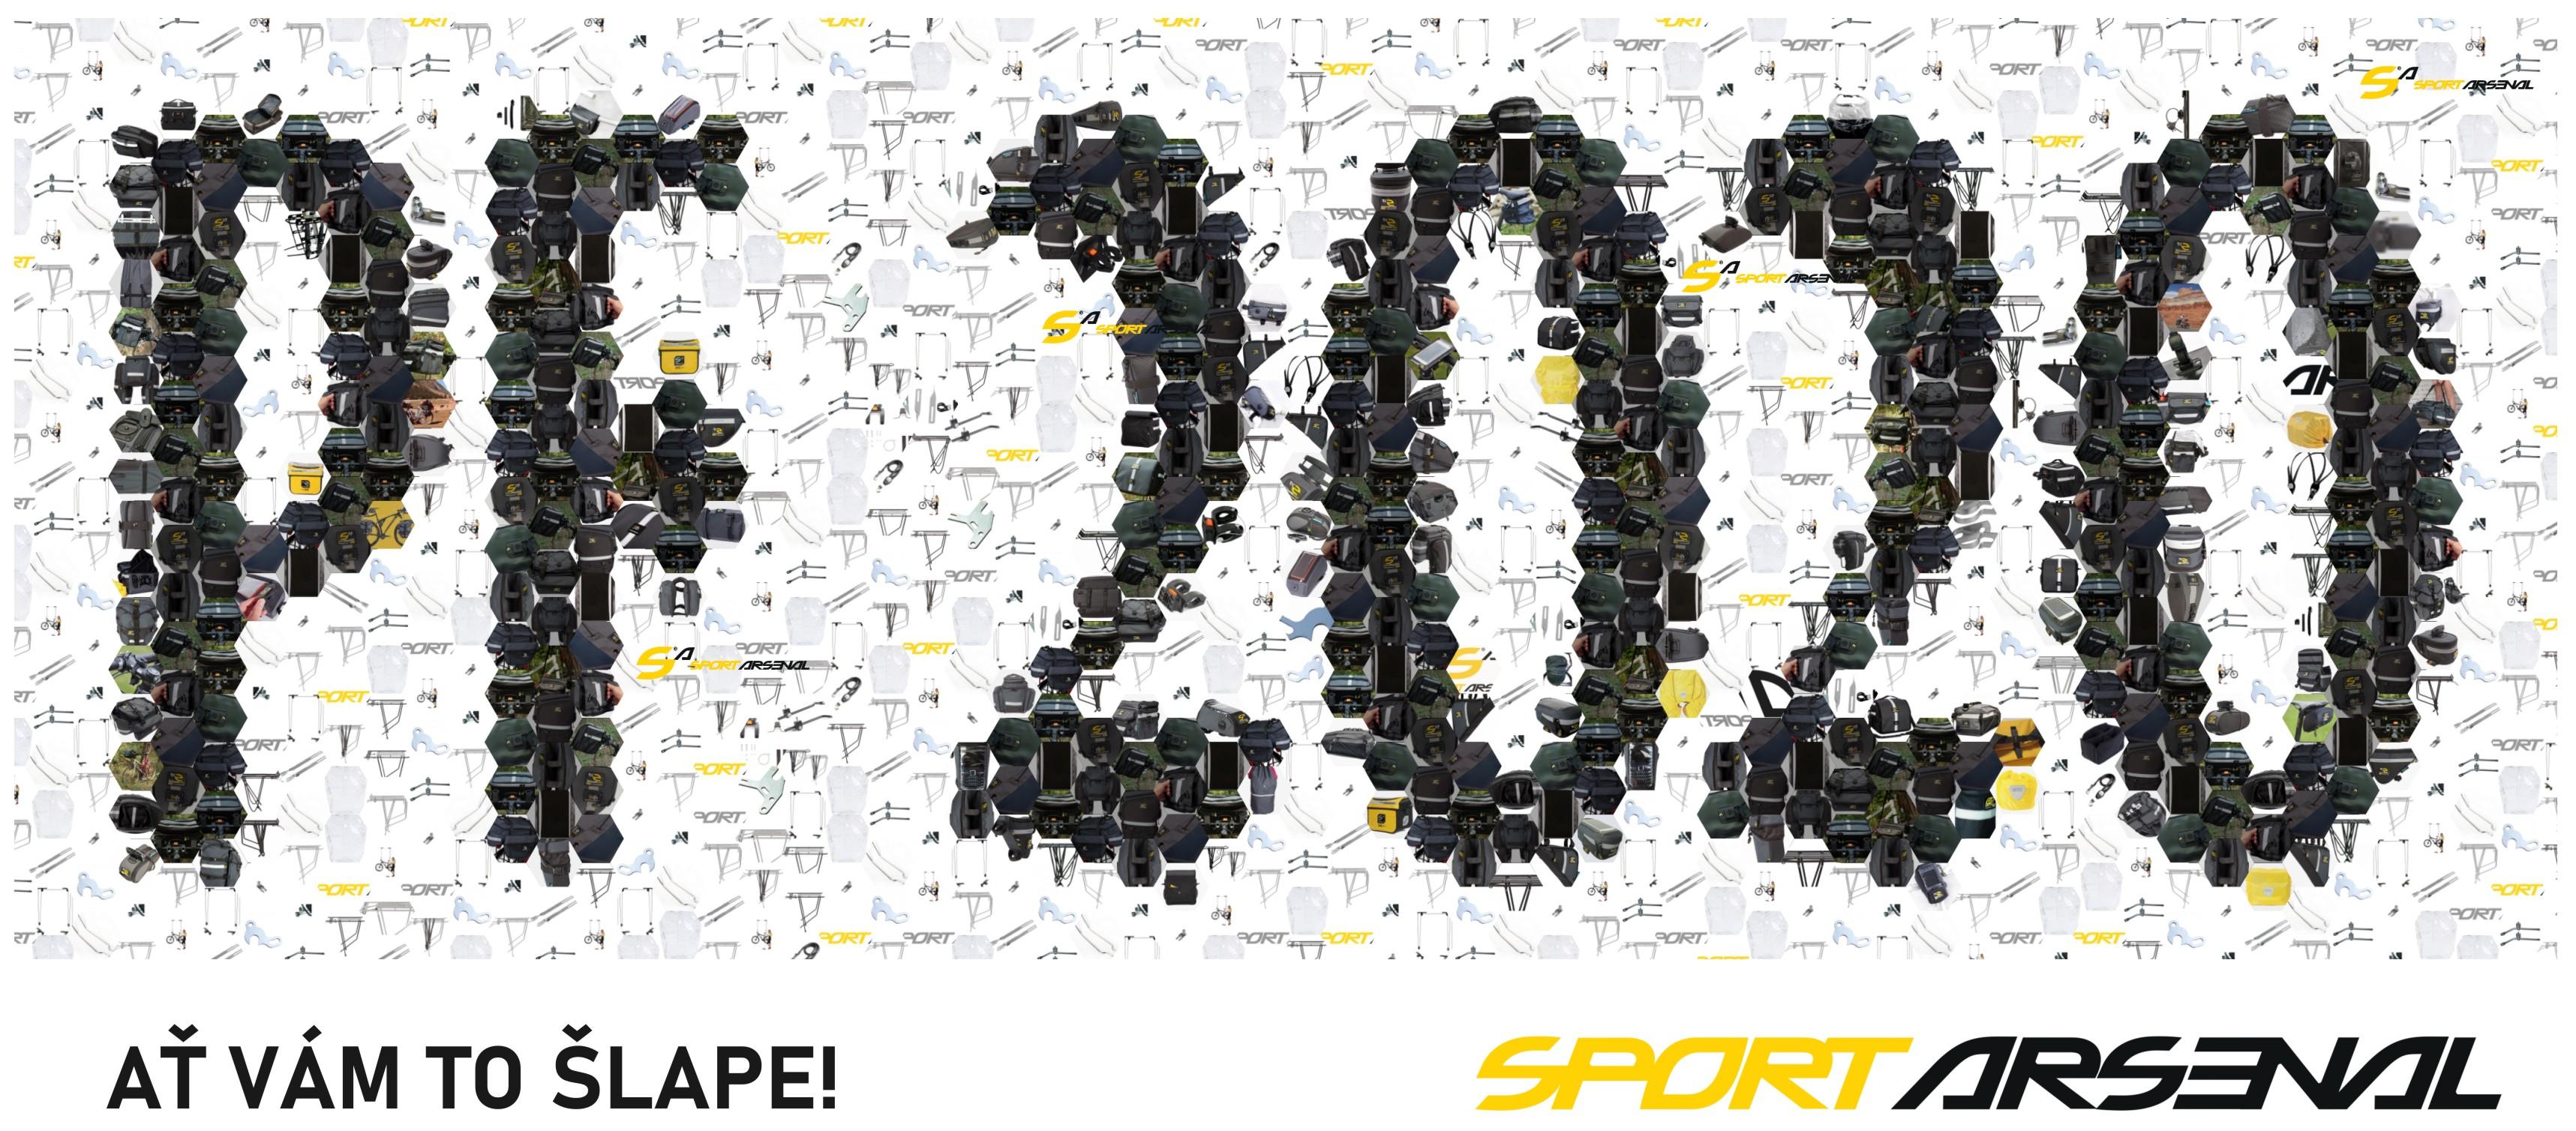 pf_2020_sportarsenal